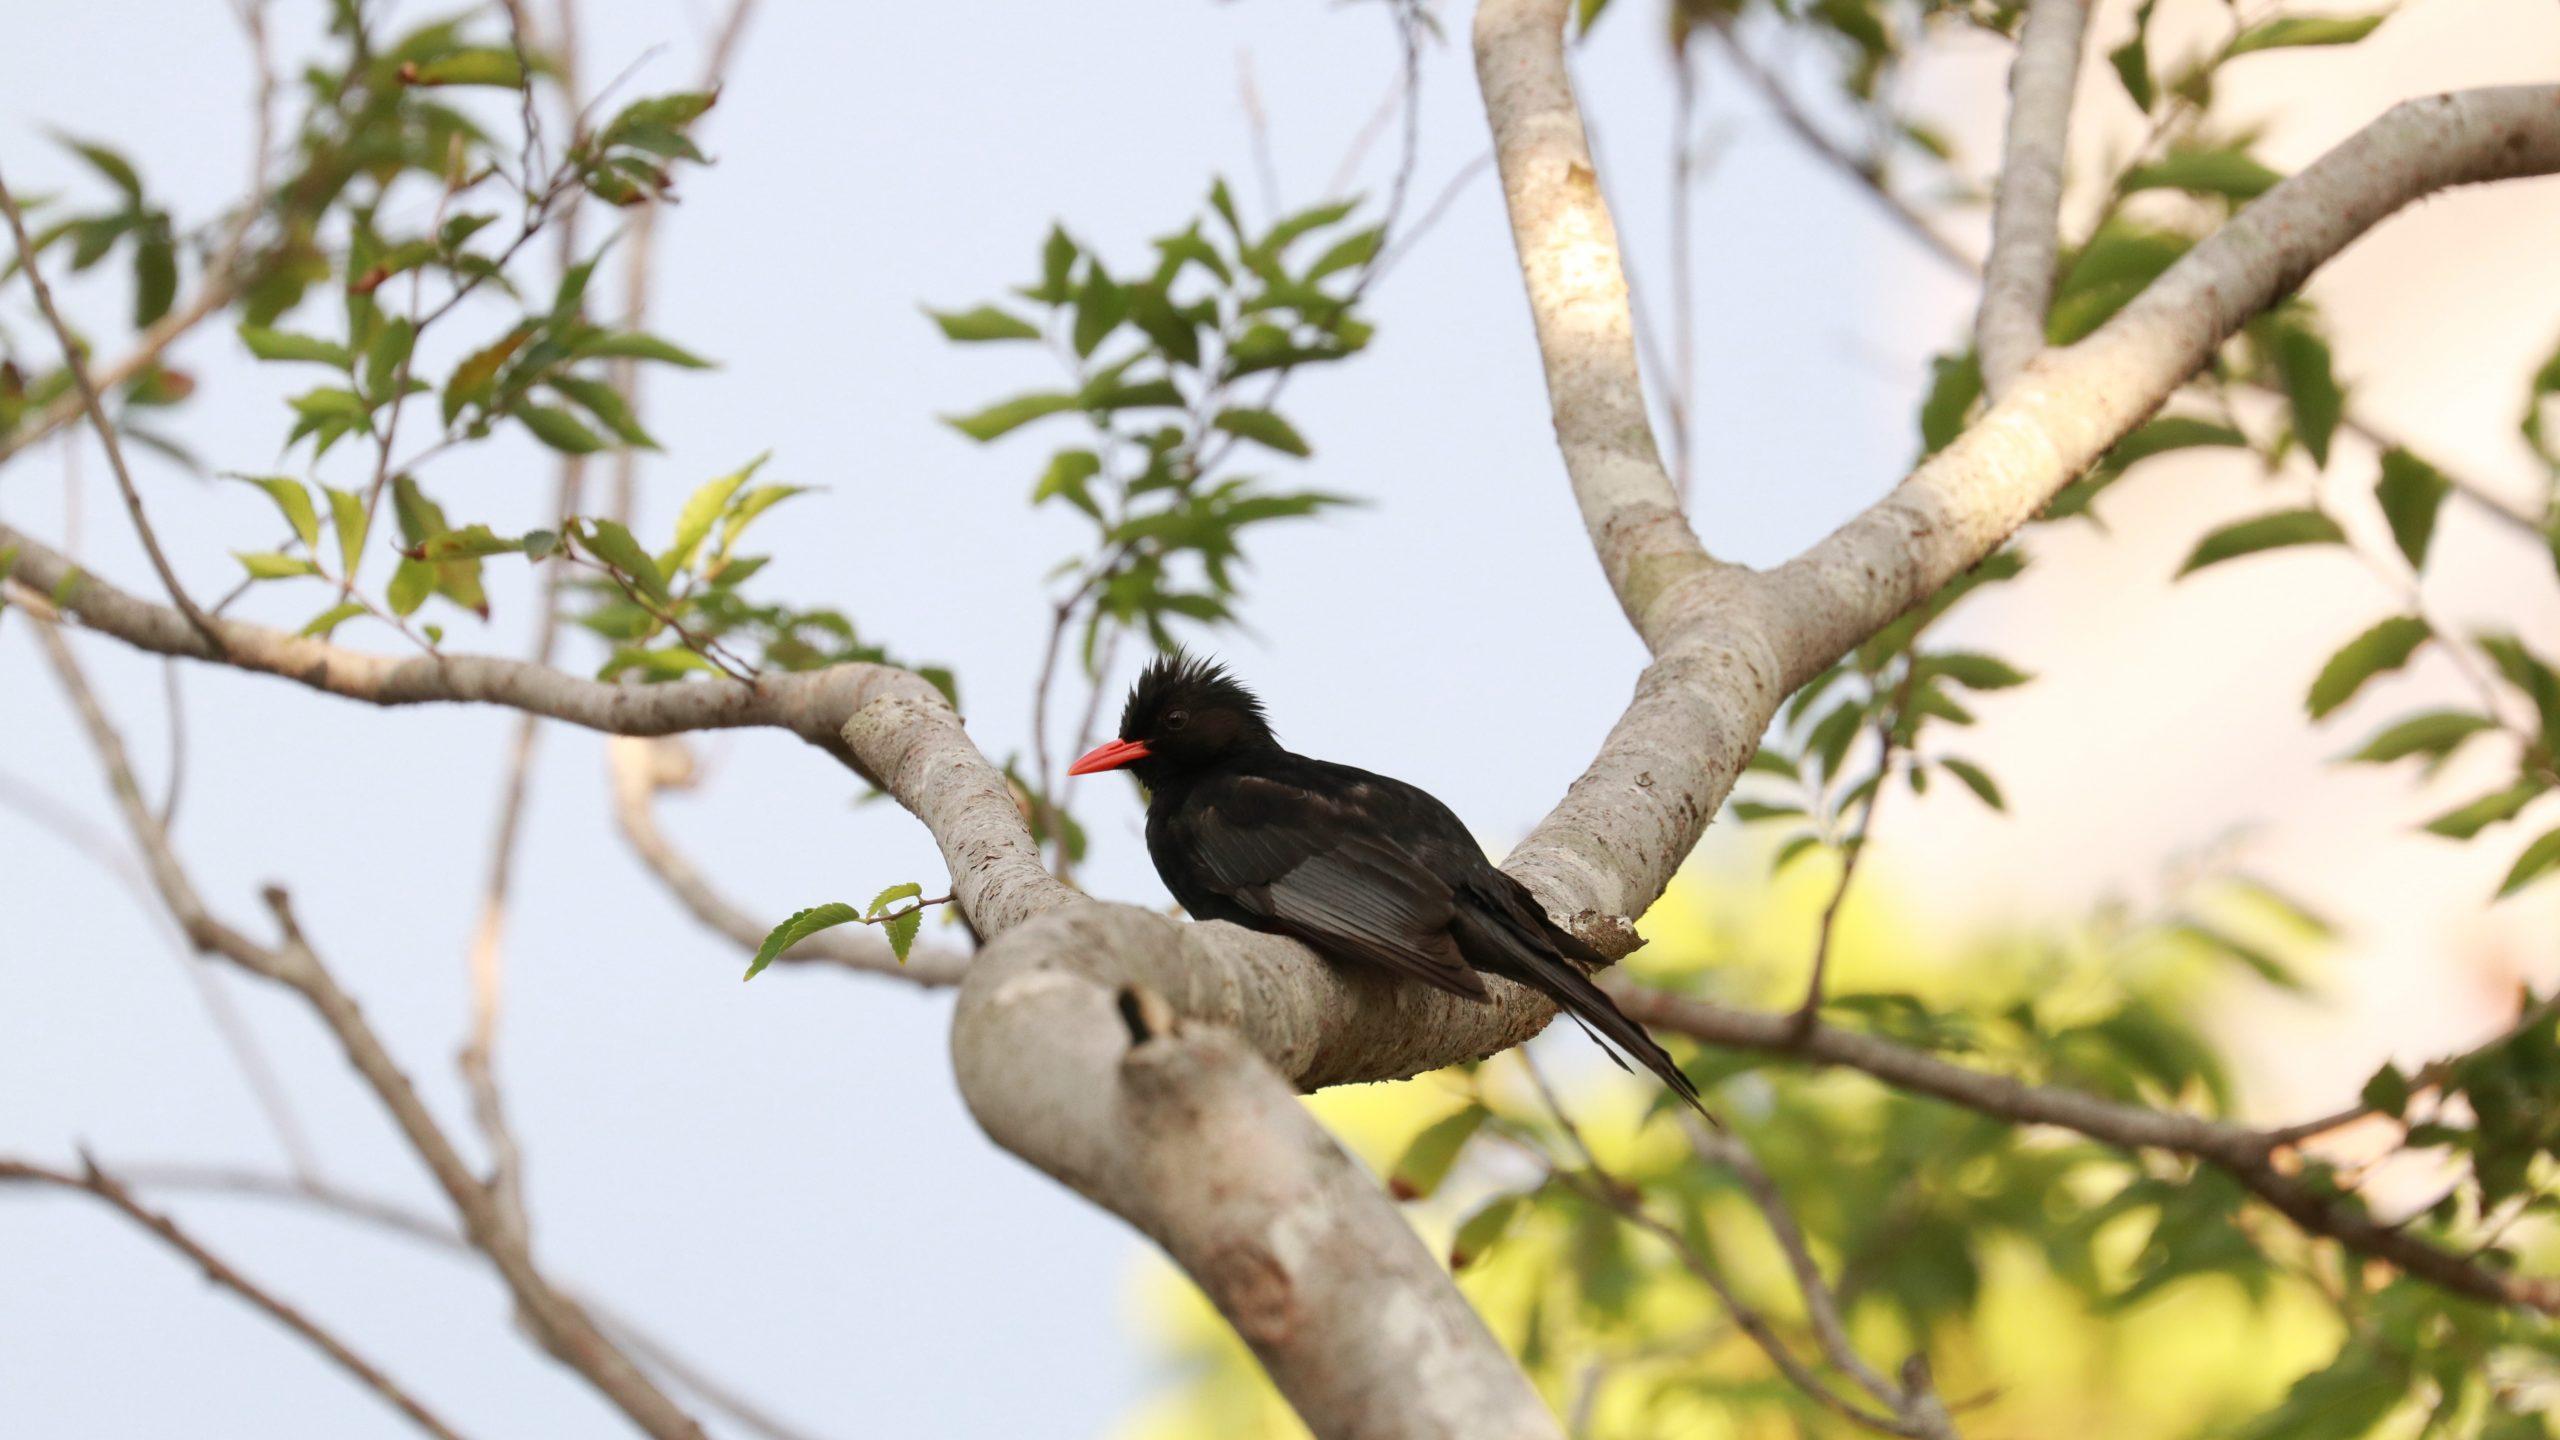 【自然筆記】觀察都市公園四季的喧鬧 和鳥兒做朋友